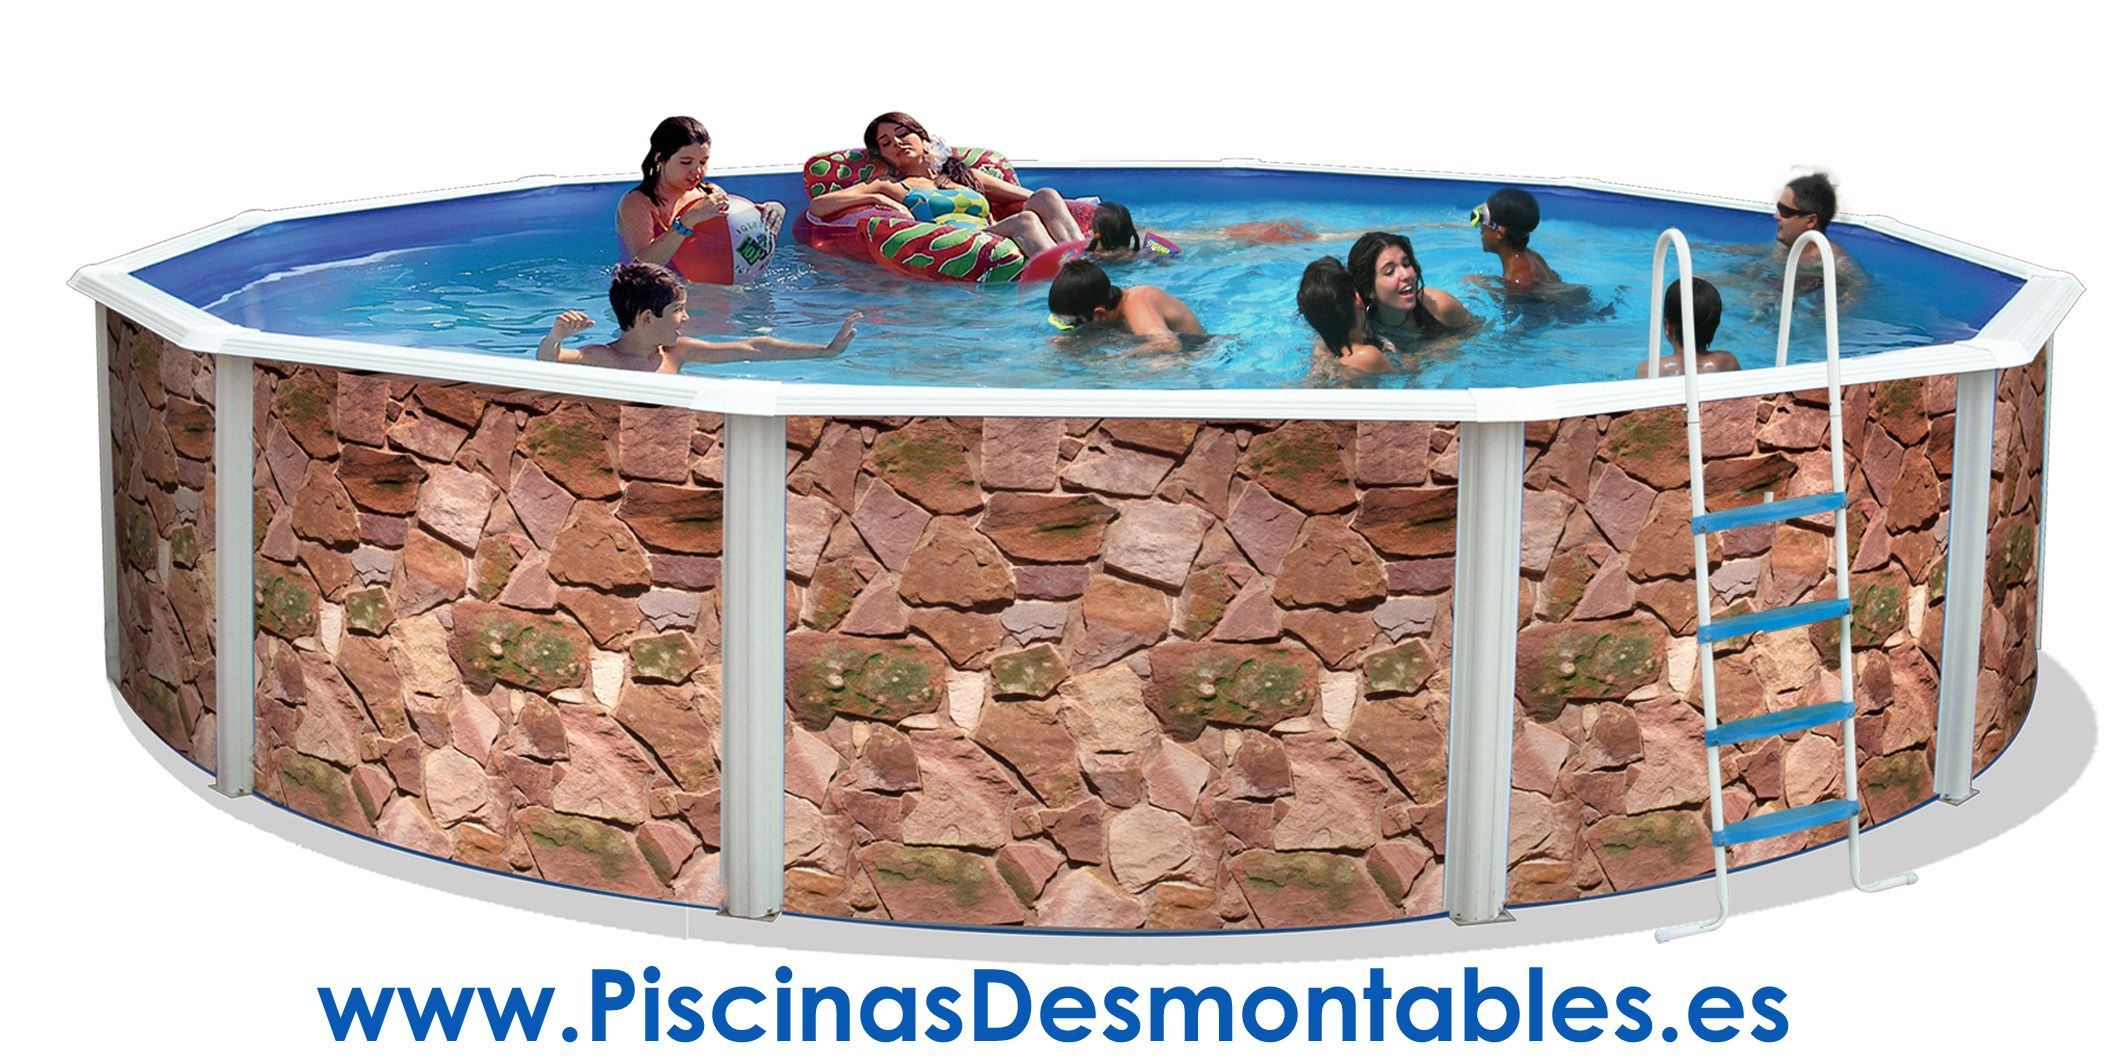 Las piscinas de imitaci n a piedra de toi est n tan bien - Fabricante de piscinas ...